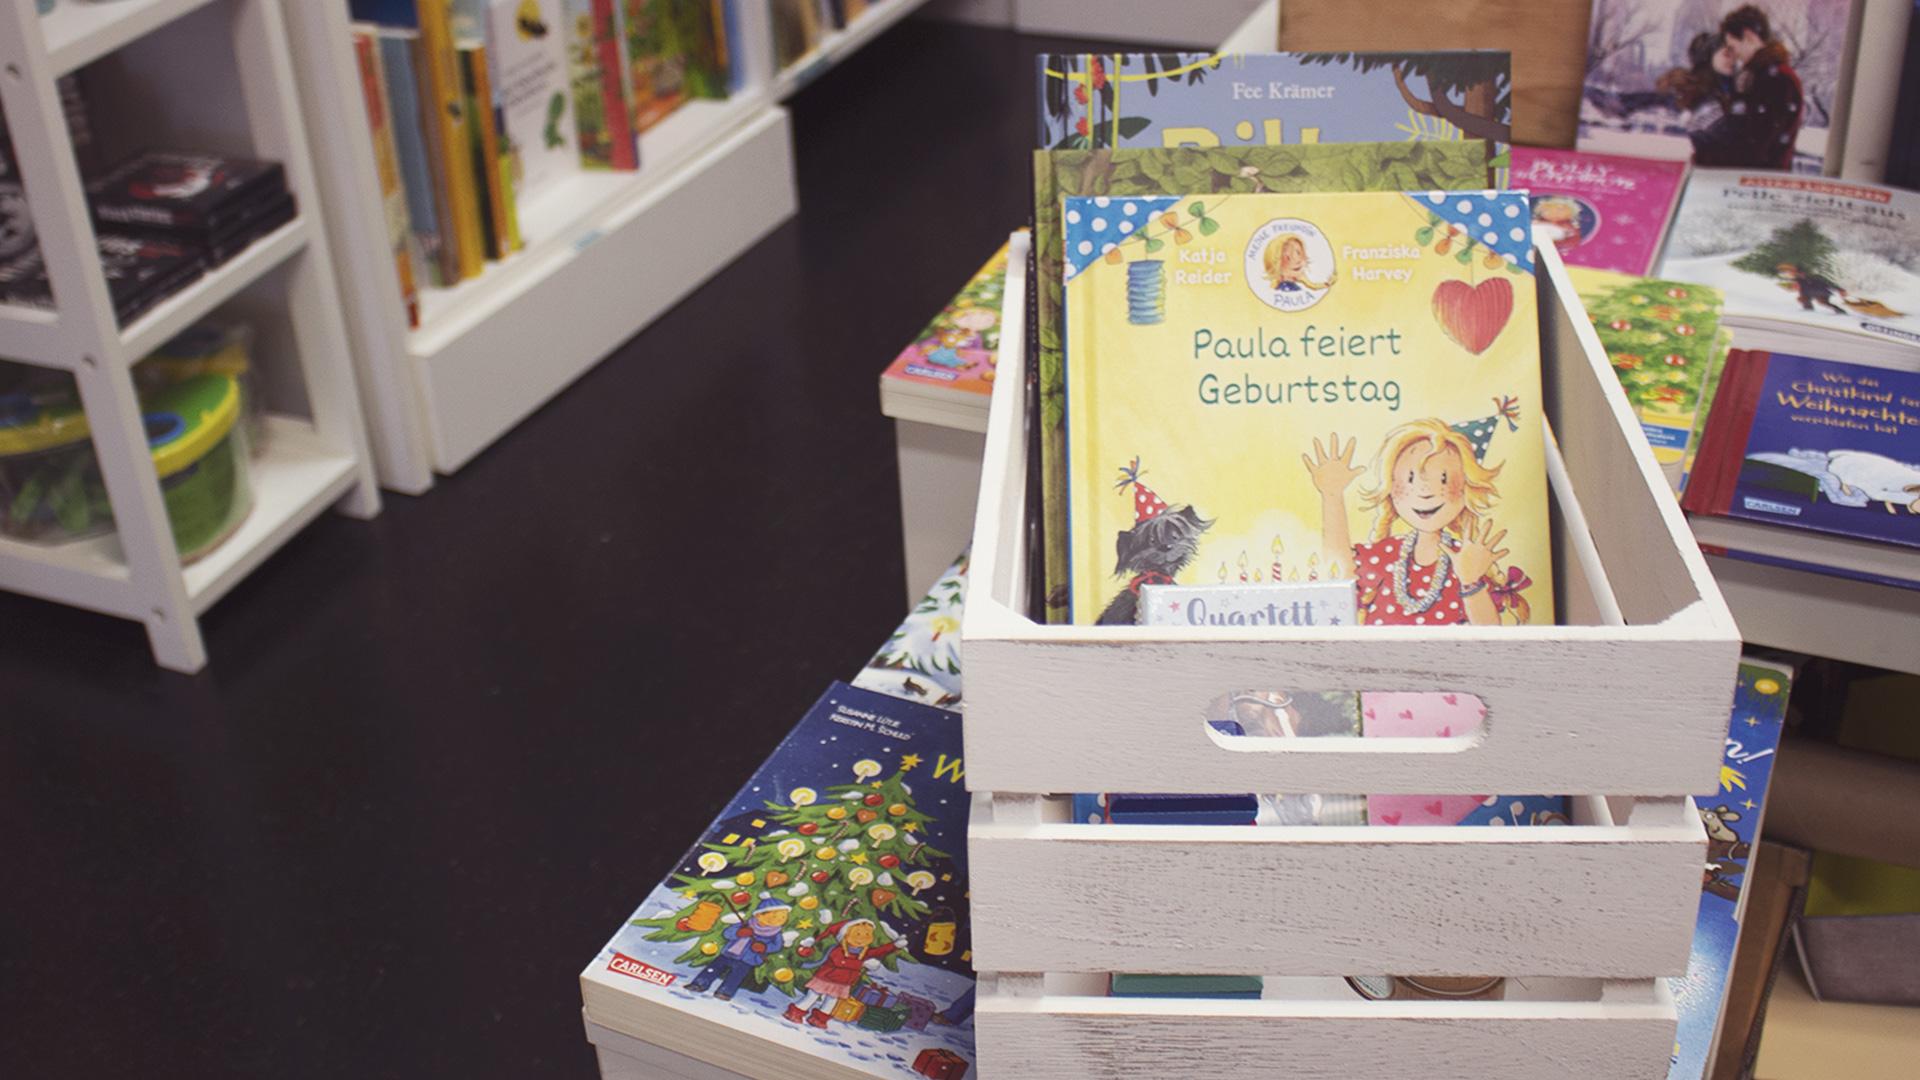 Kinder-Geschenkkorb gefüllt mit den Wünschen eines Kindes aus der Buchhandlung